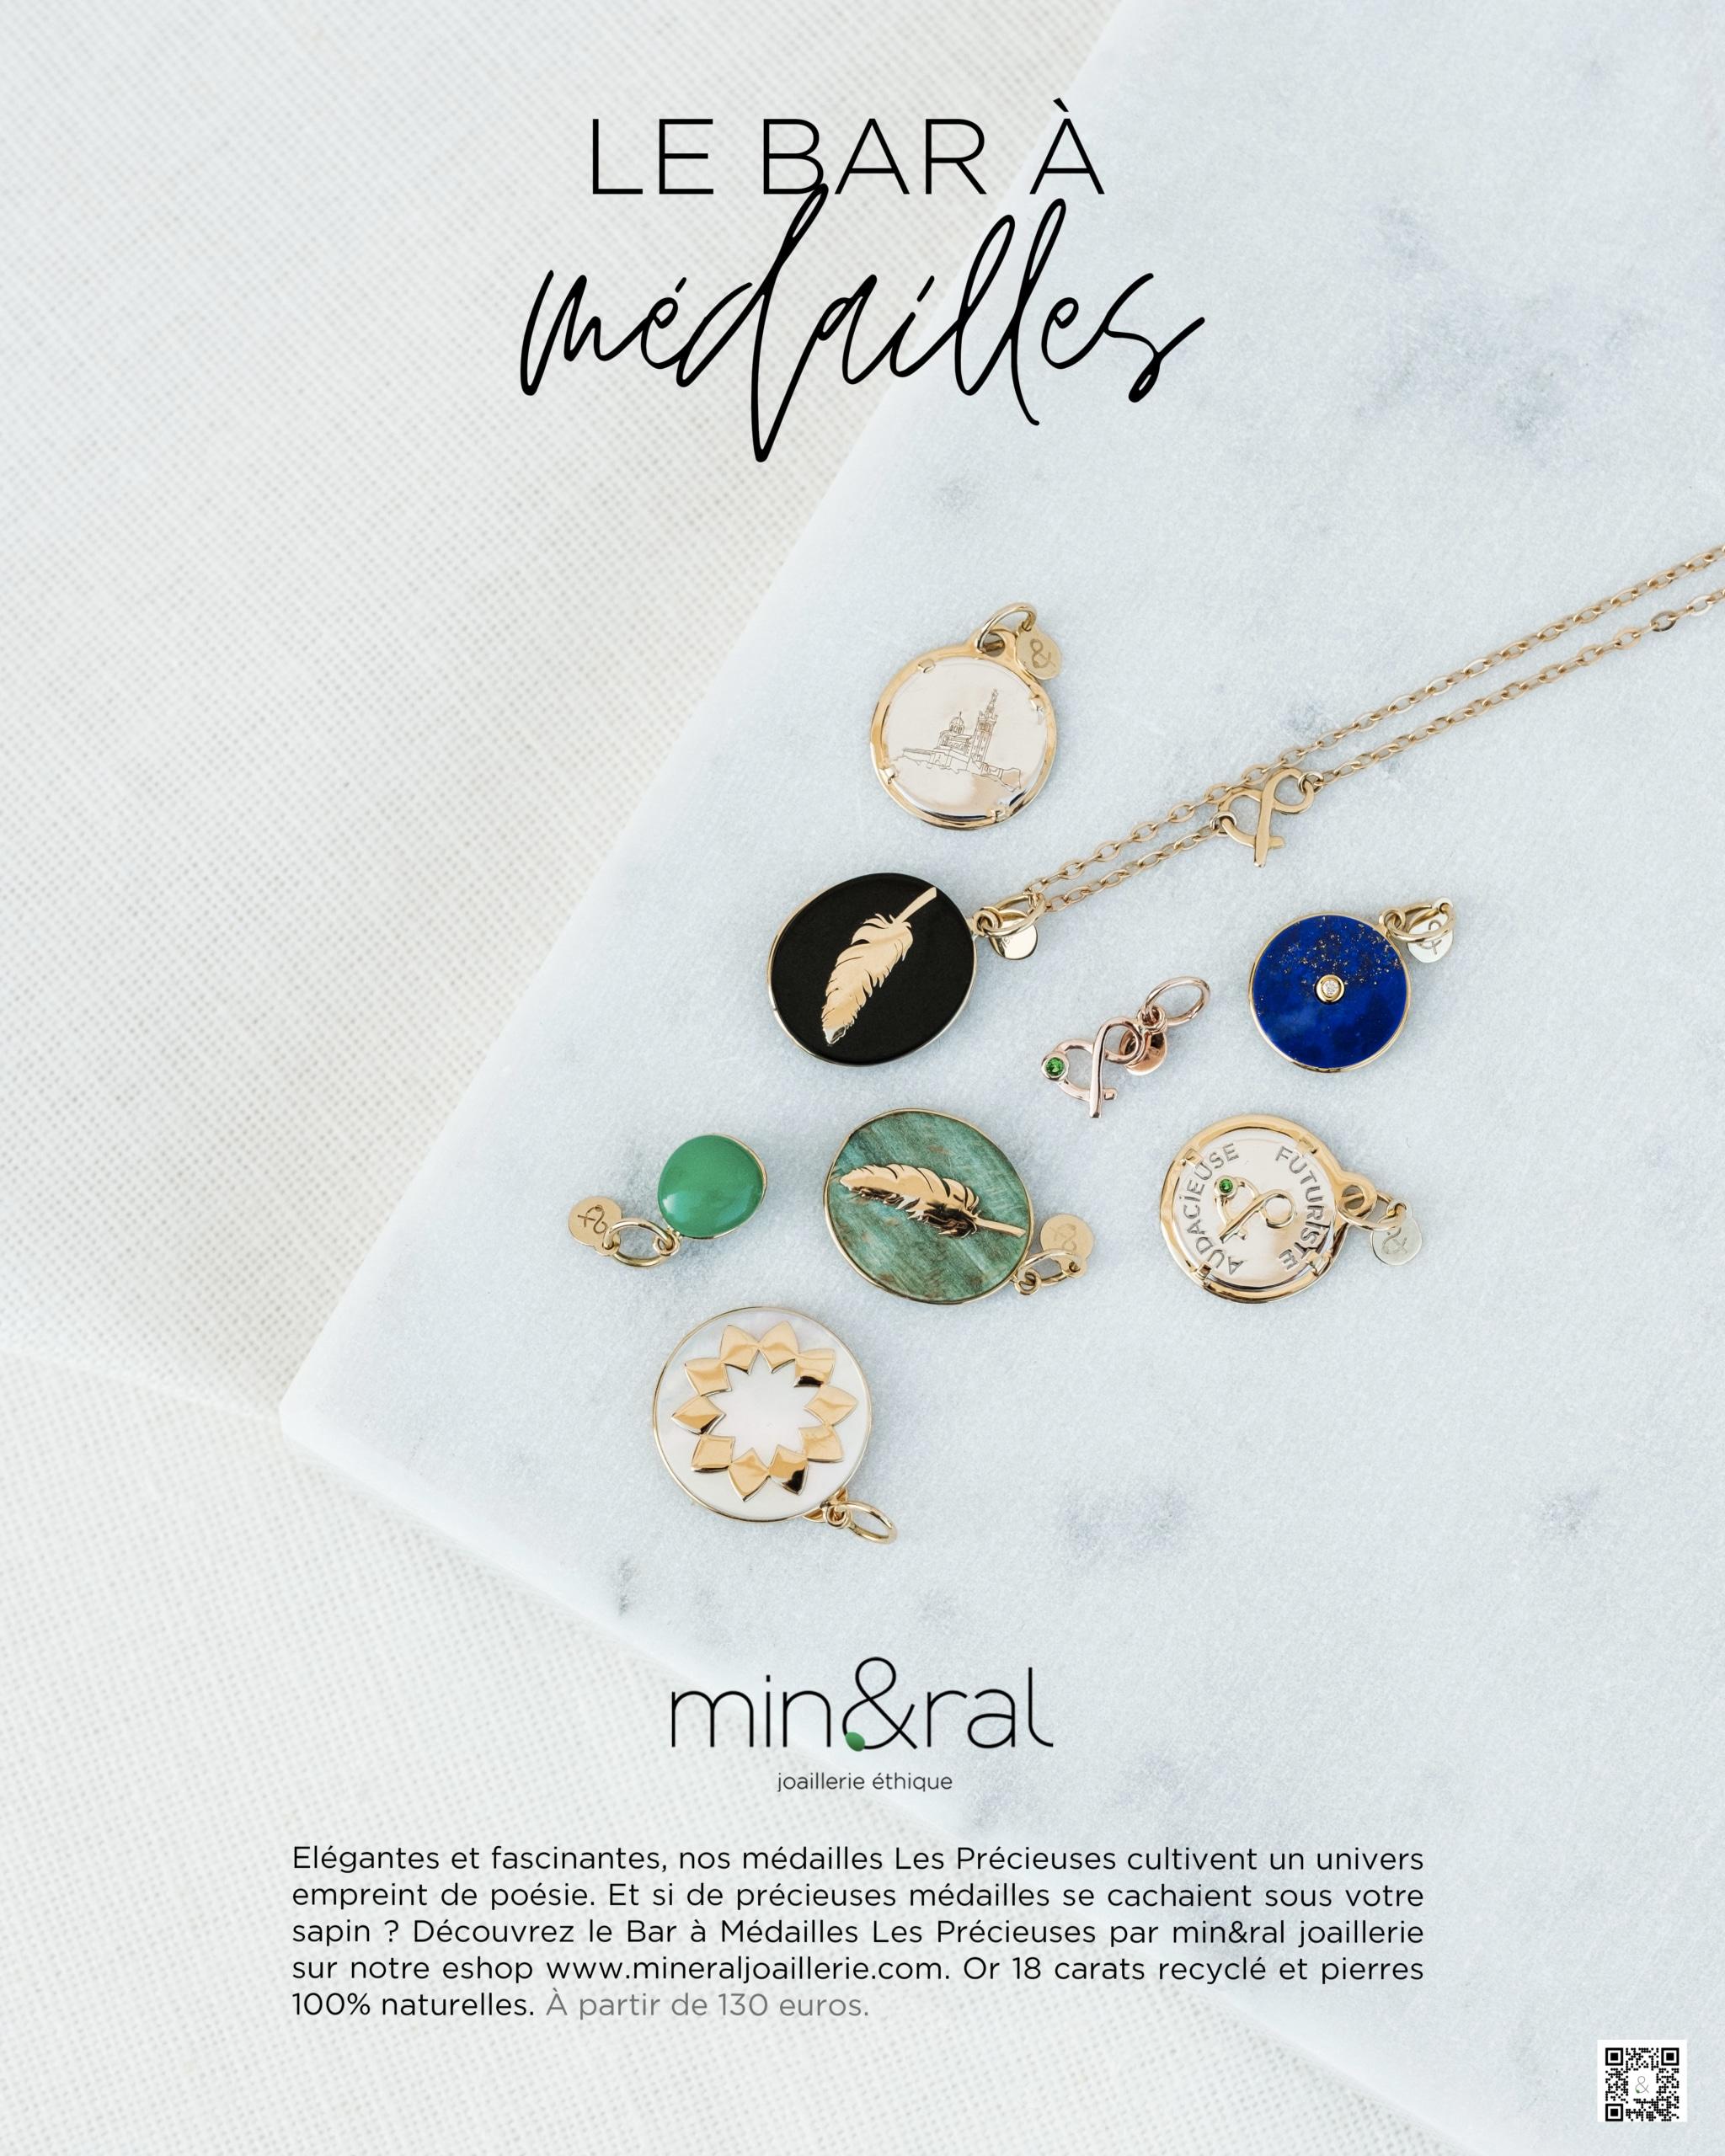 Le bar à médailles mineral joaillerie les précieuses lapis lazuli onyx jade verte chrysoprase nacre blanche diamant pierres naturelles éthique femme